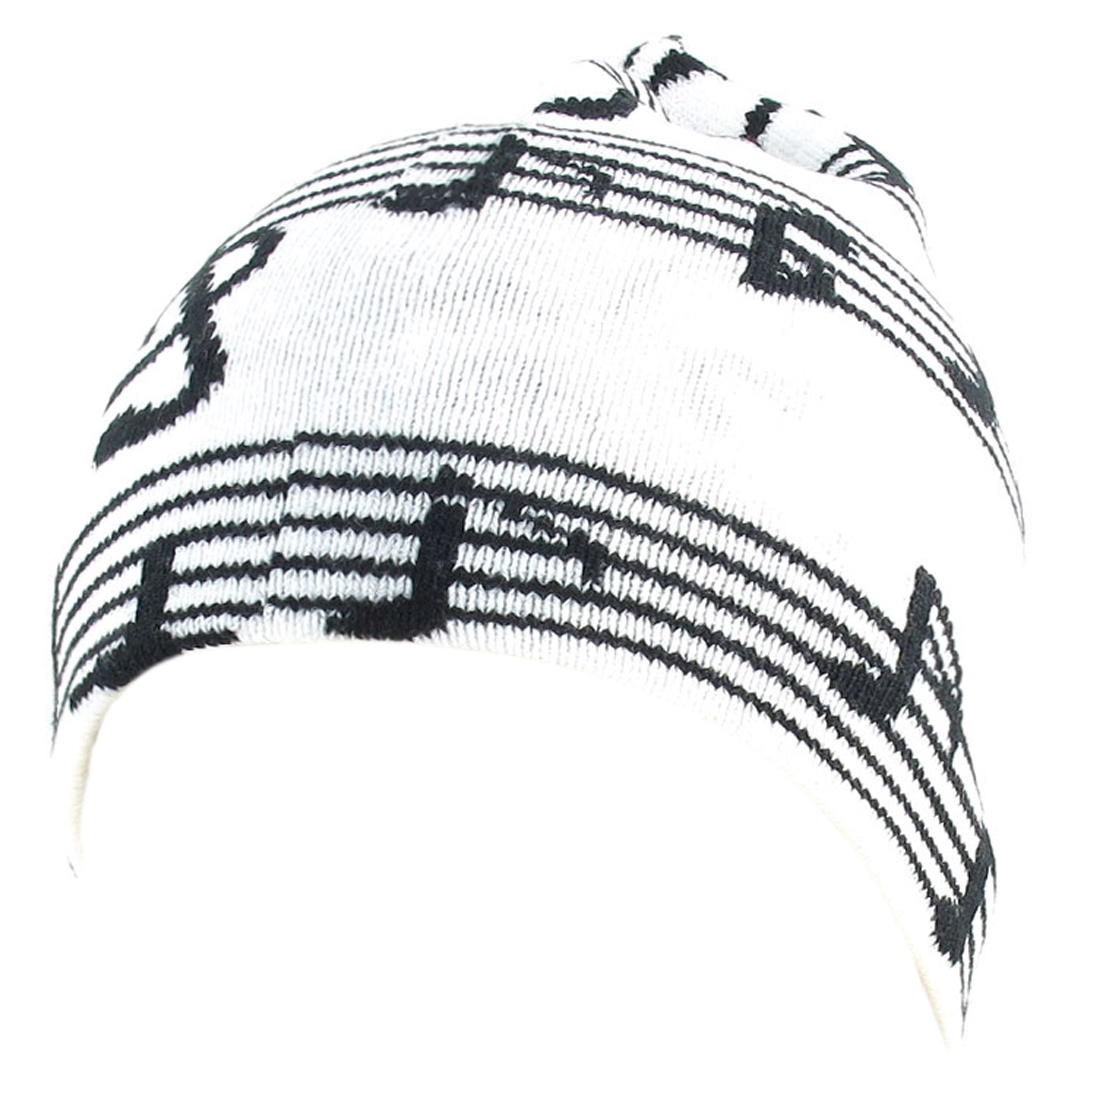 Unisex Black White Elastic Acrylic Knitted Snowboarding Ribbed Beanie Hat